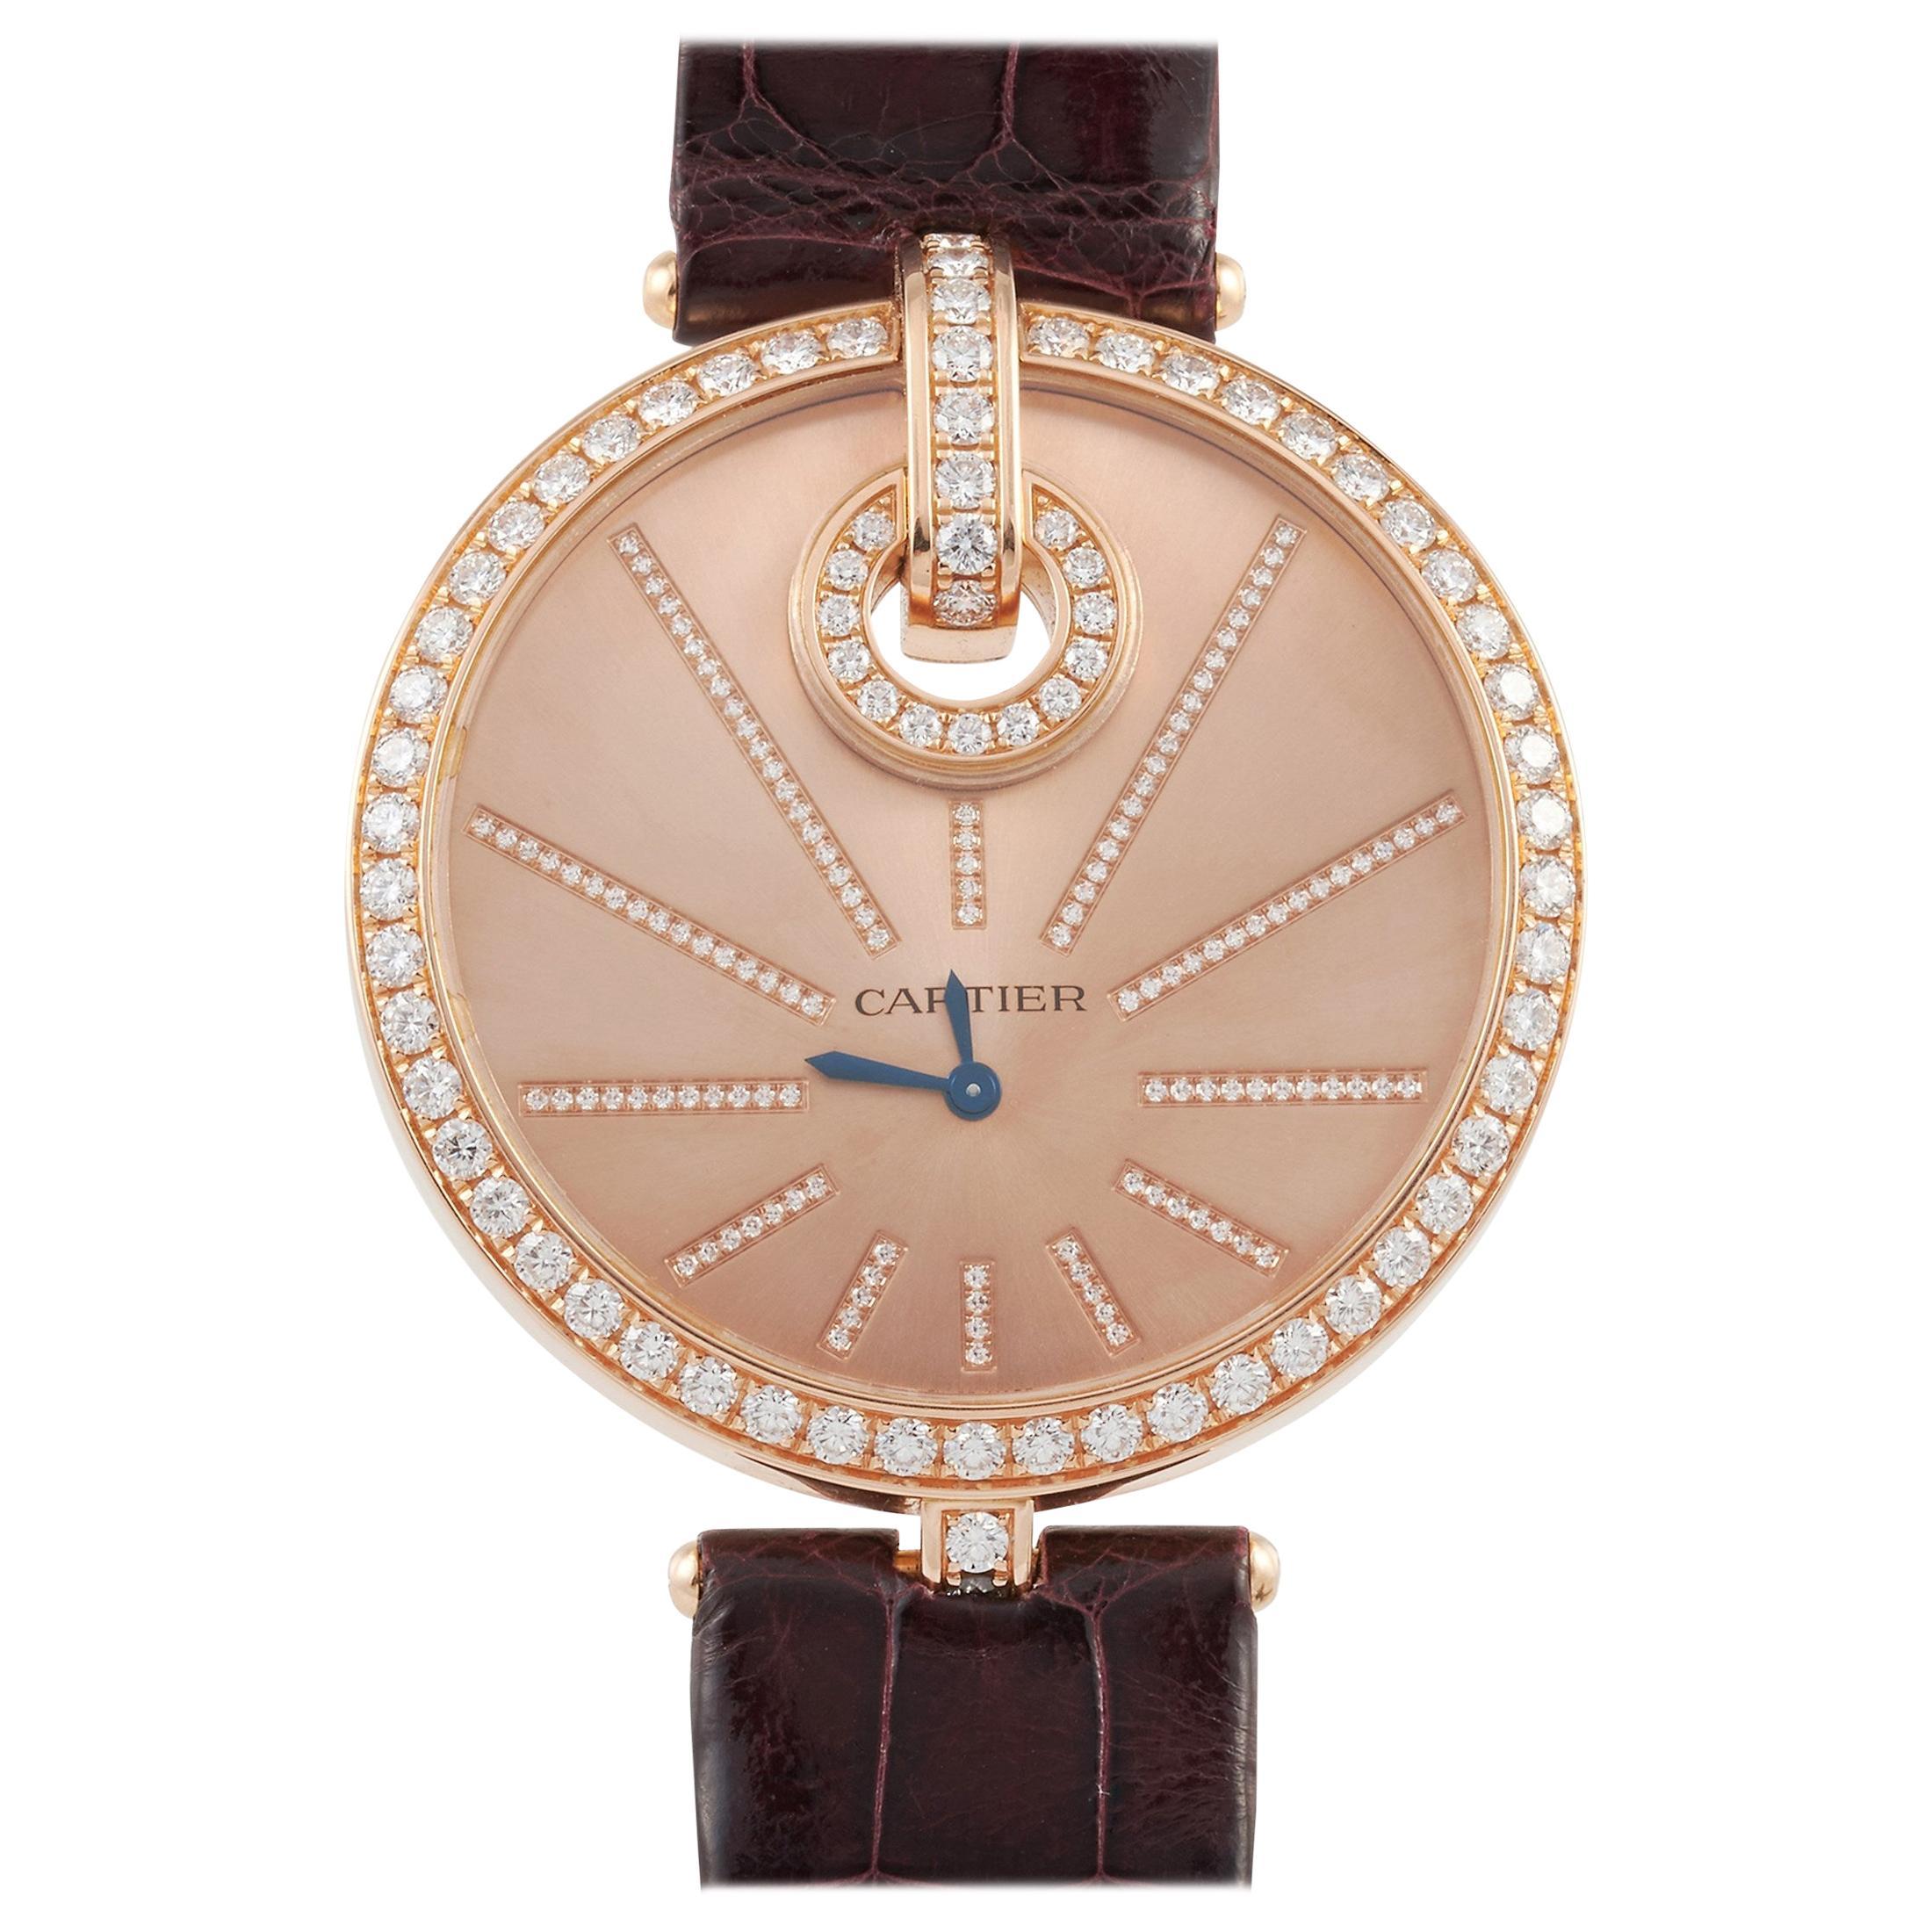 Cartier Captive de Cartier 18 Karat Rose Gold Diamond Bezel Watch WG600003